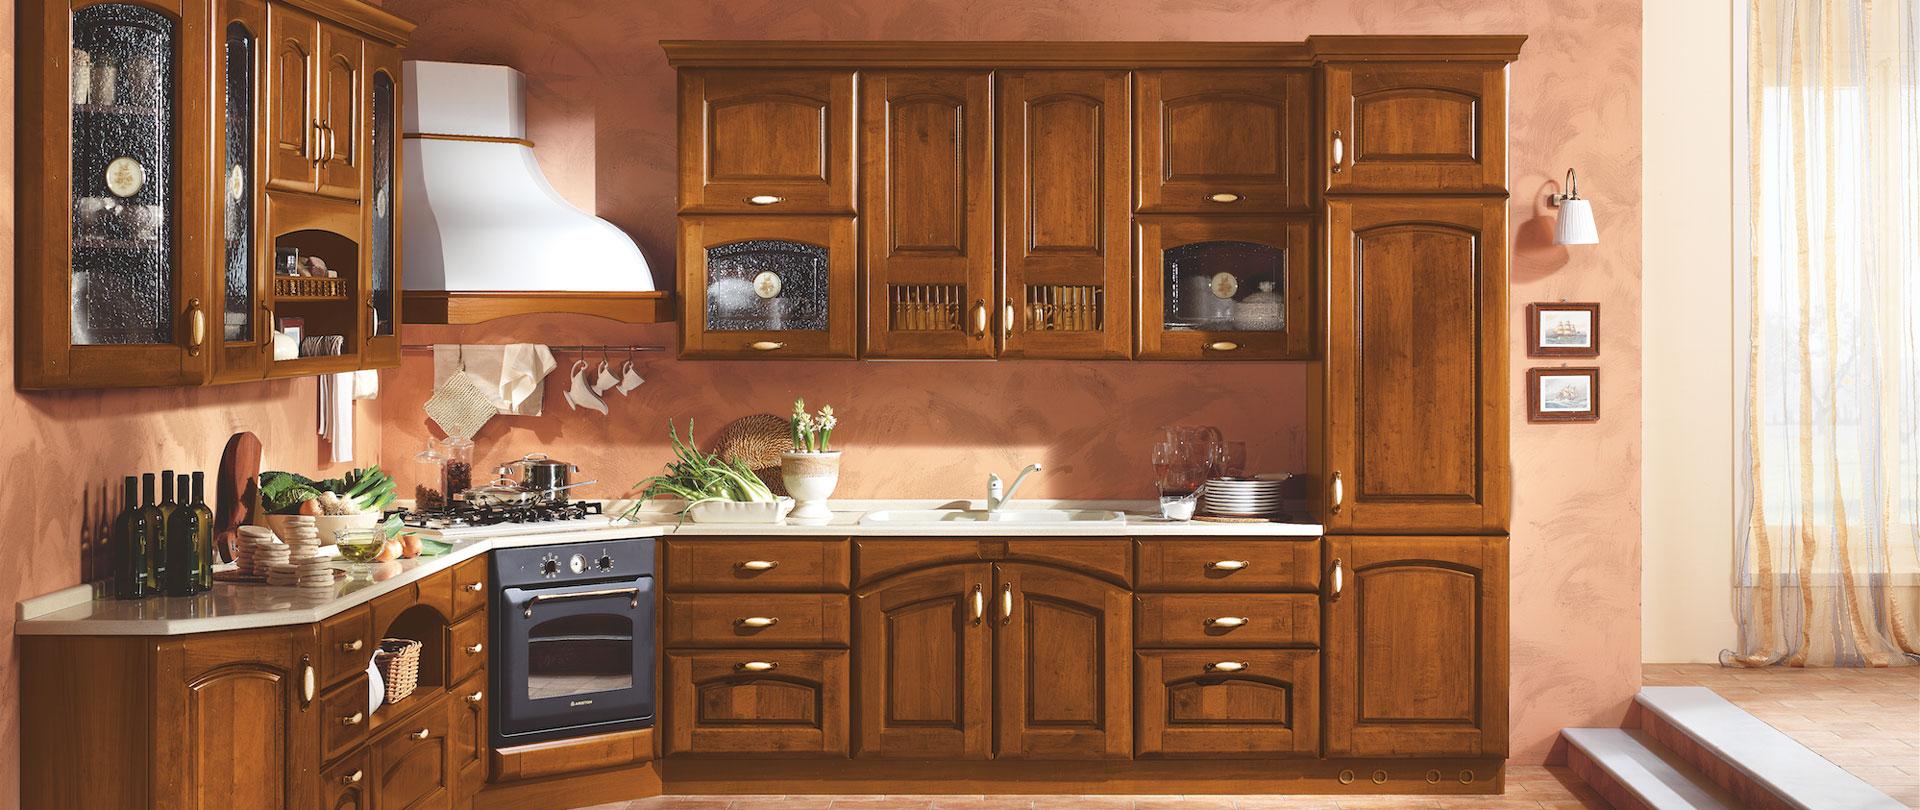 La verderosa s r l cucine in legno su misura a roma for Cucine in stile